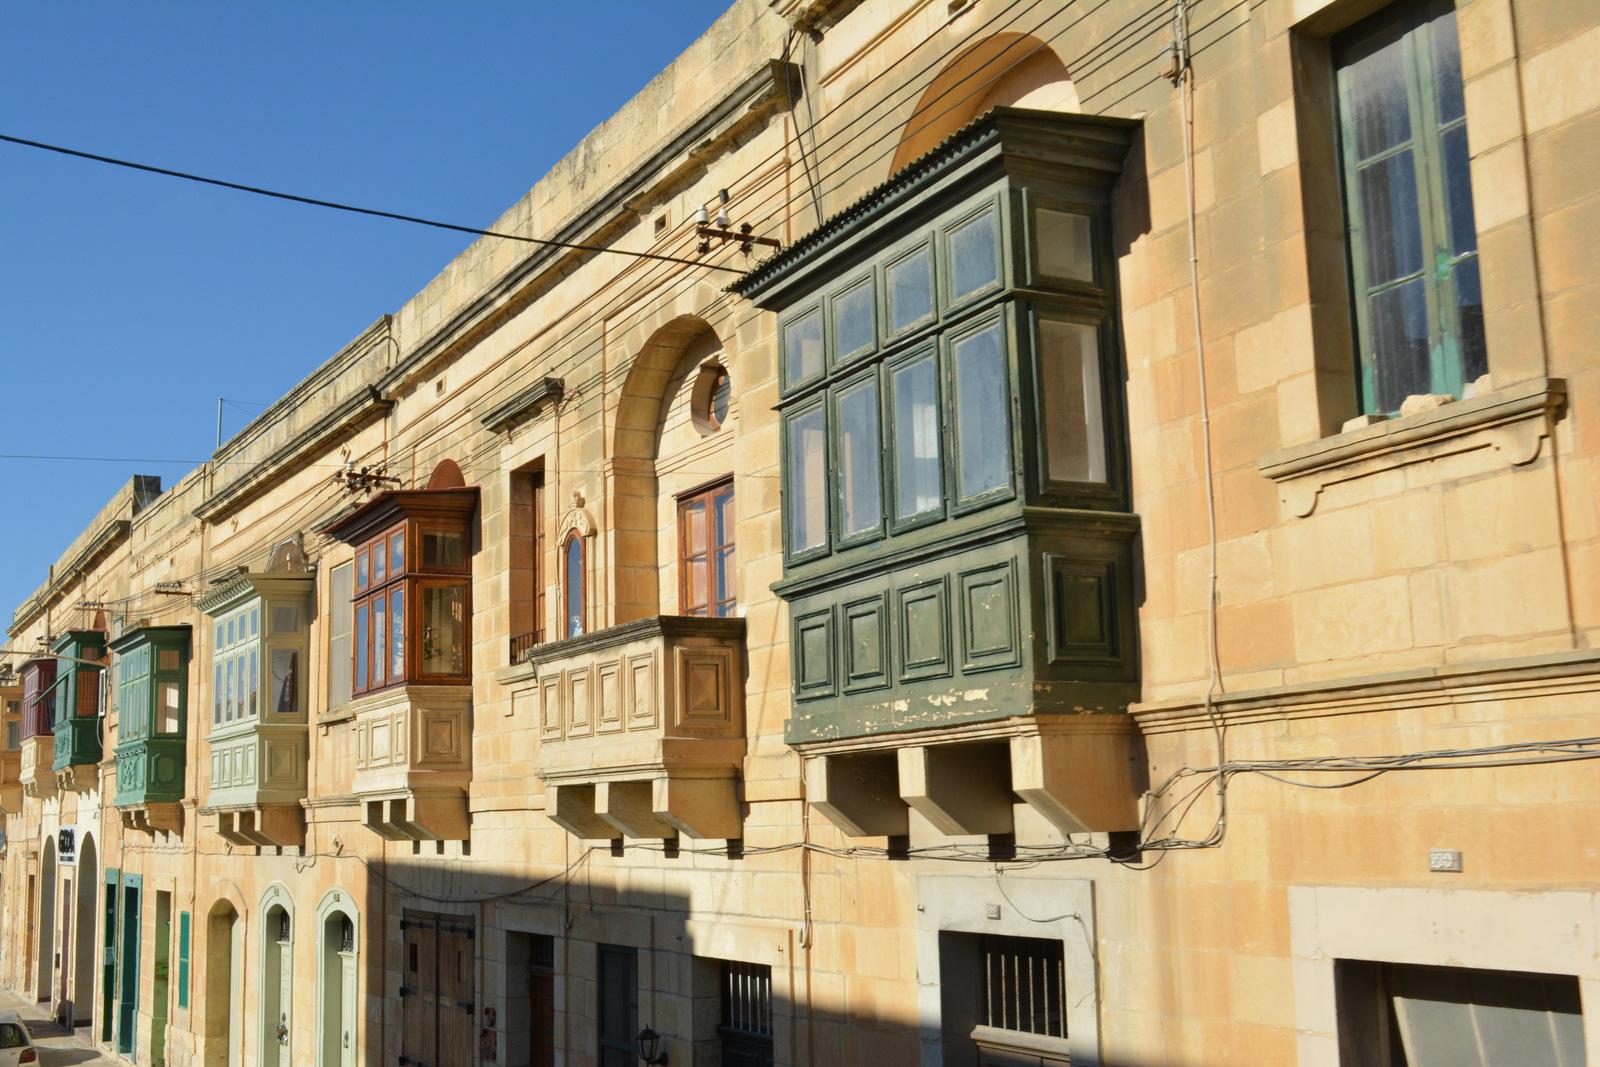 Балконы в Виктории, Гозо, Мальта